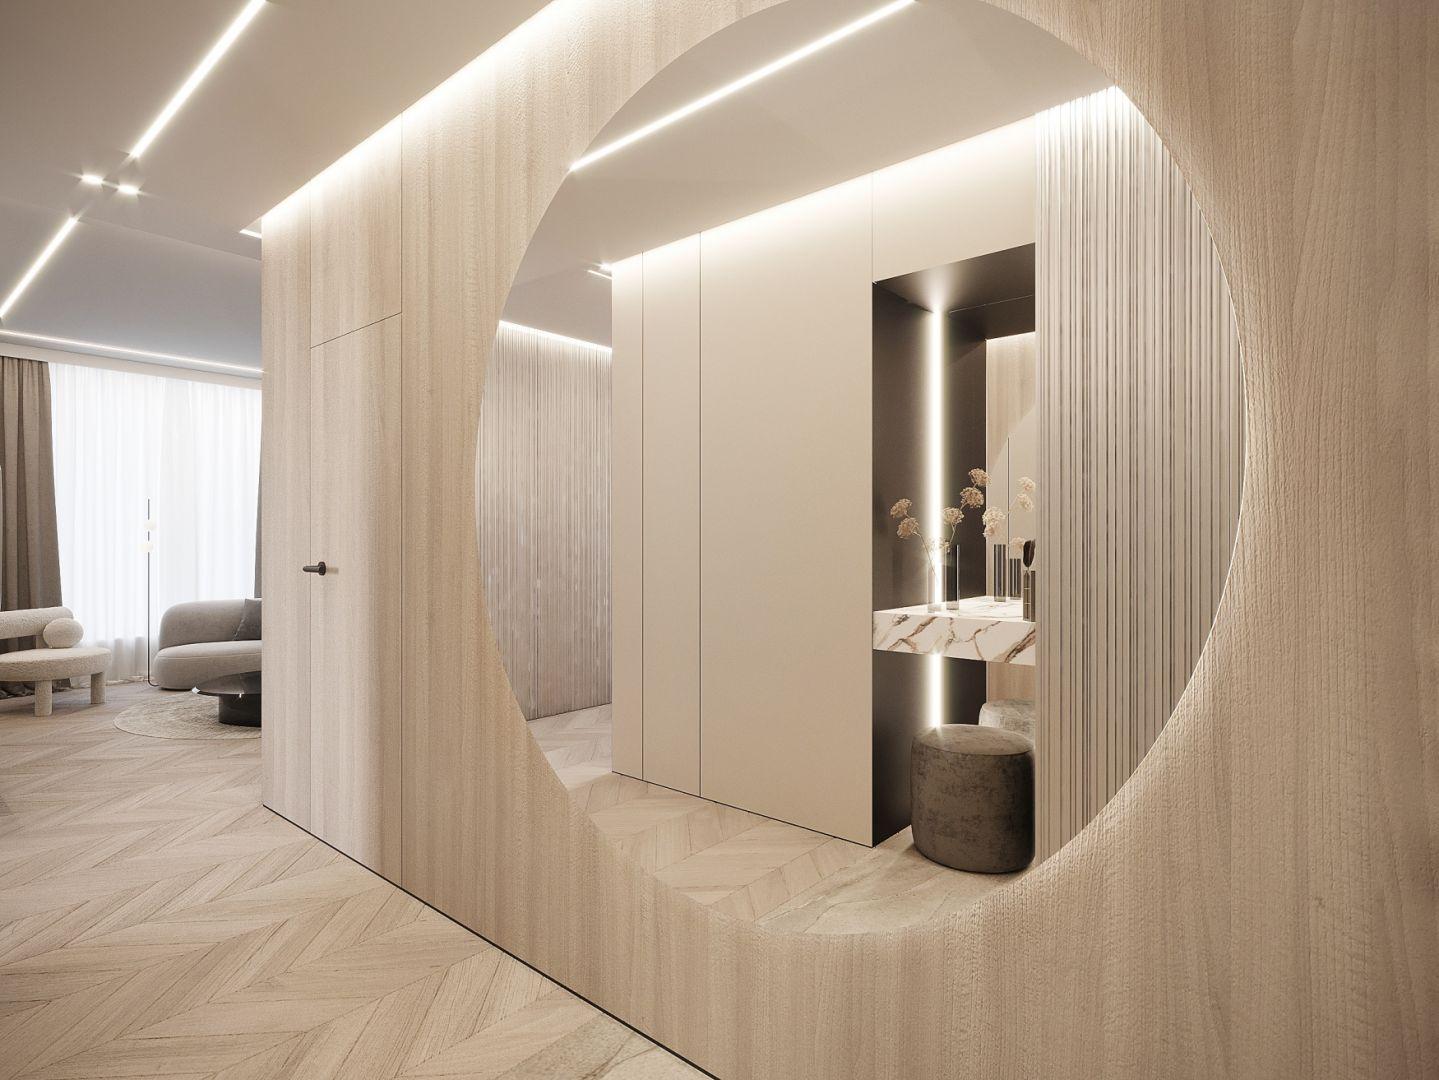 Czteropokojowe mieszkanie jest zlokalizowane w centrum Warszawy i liczy prawie 100 m² powierzchni. Projekt i zdjęcia: Moovin Interiors